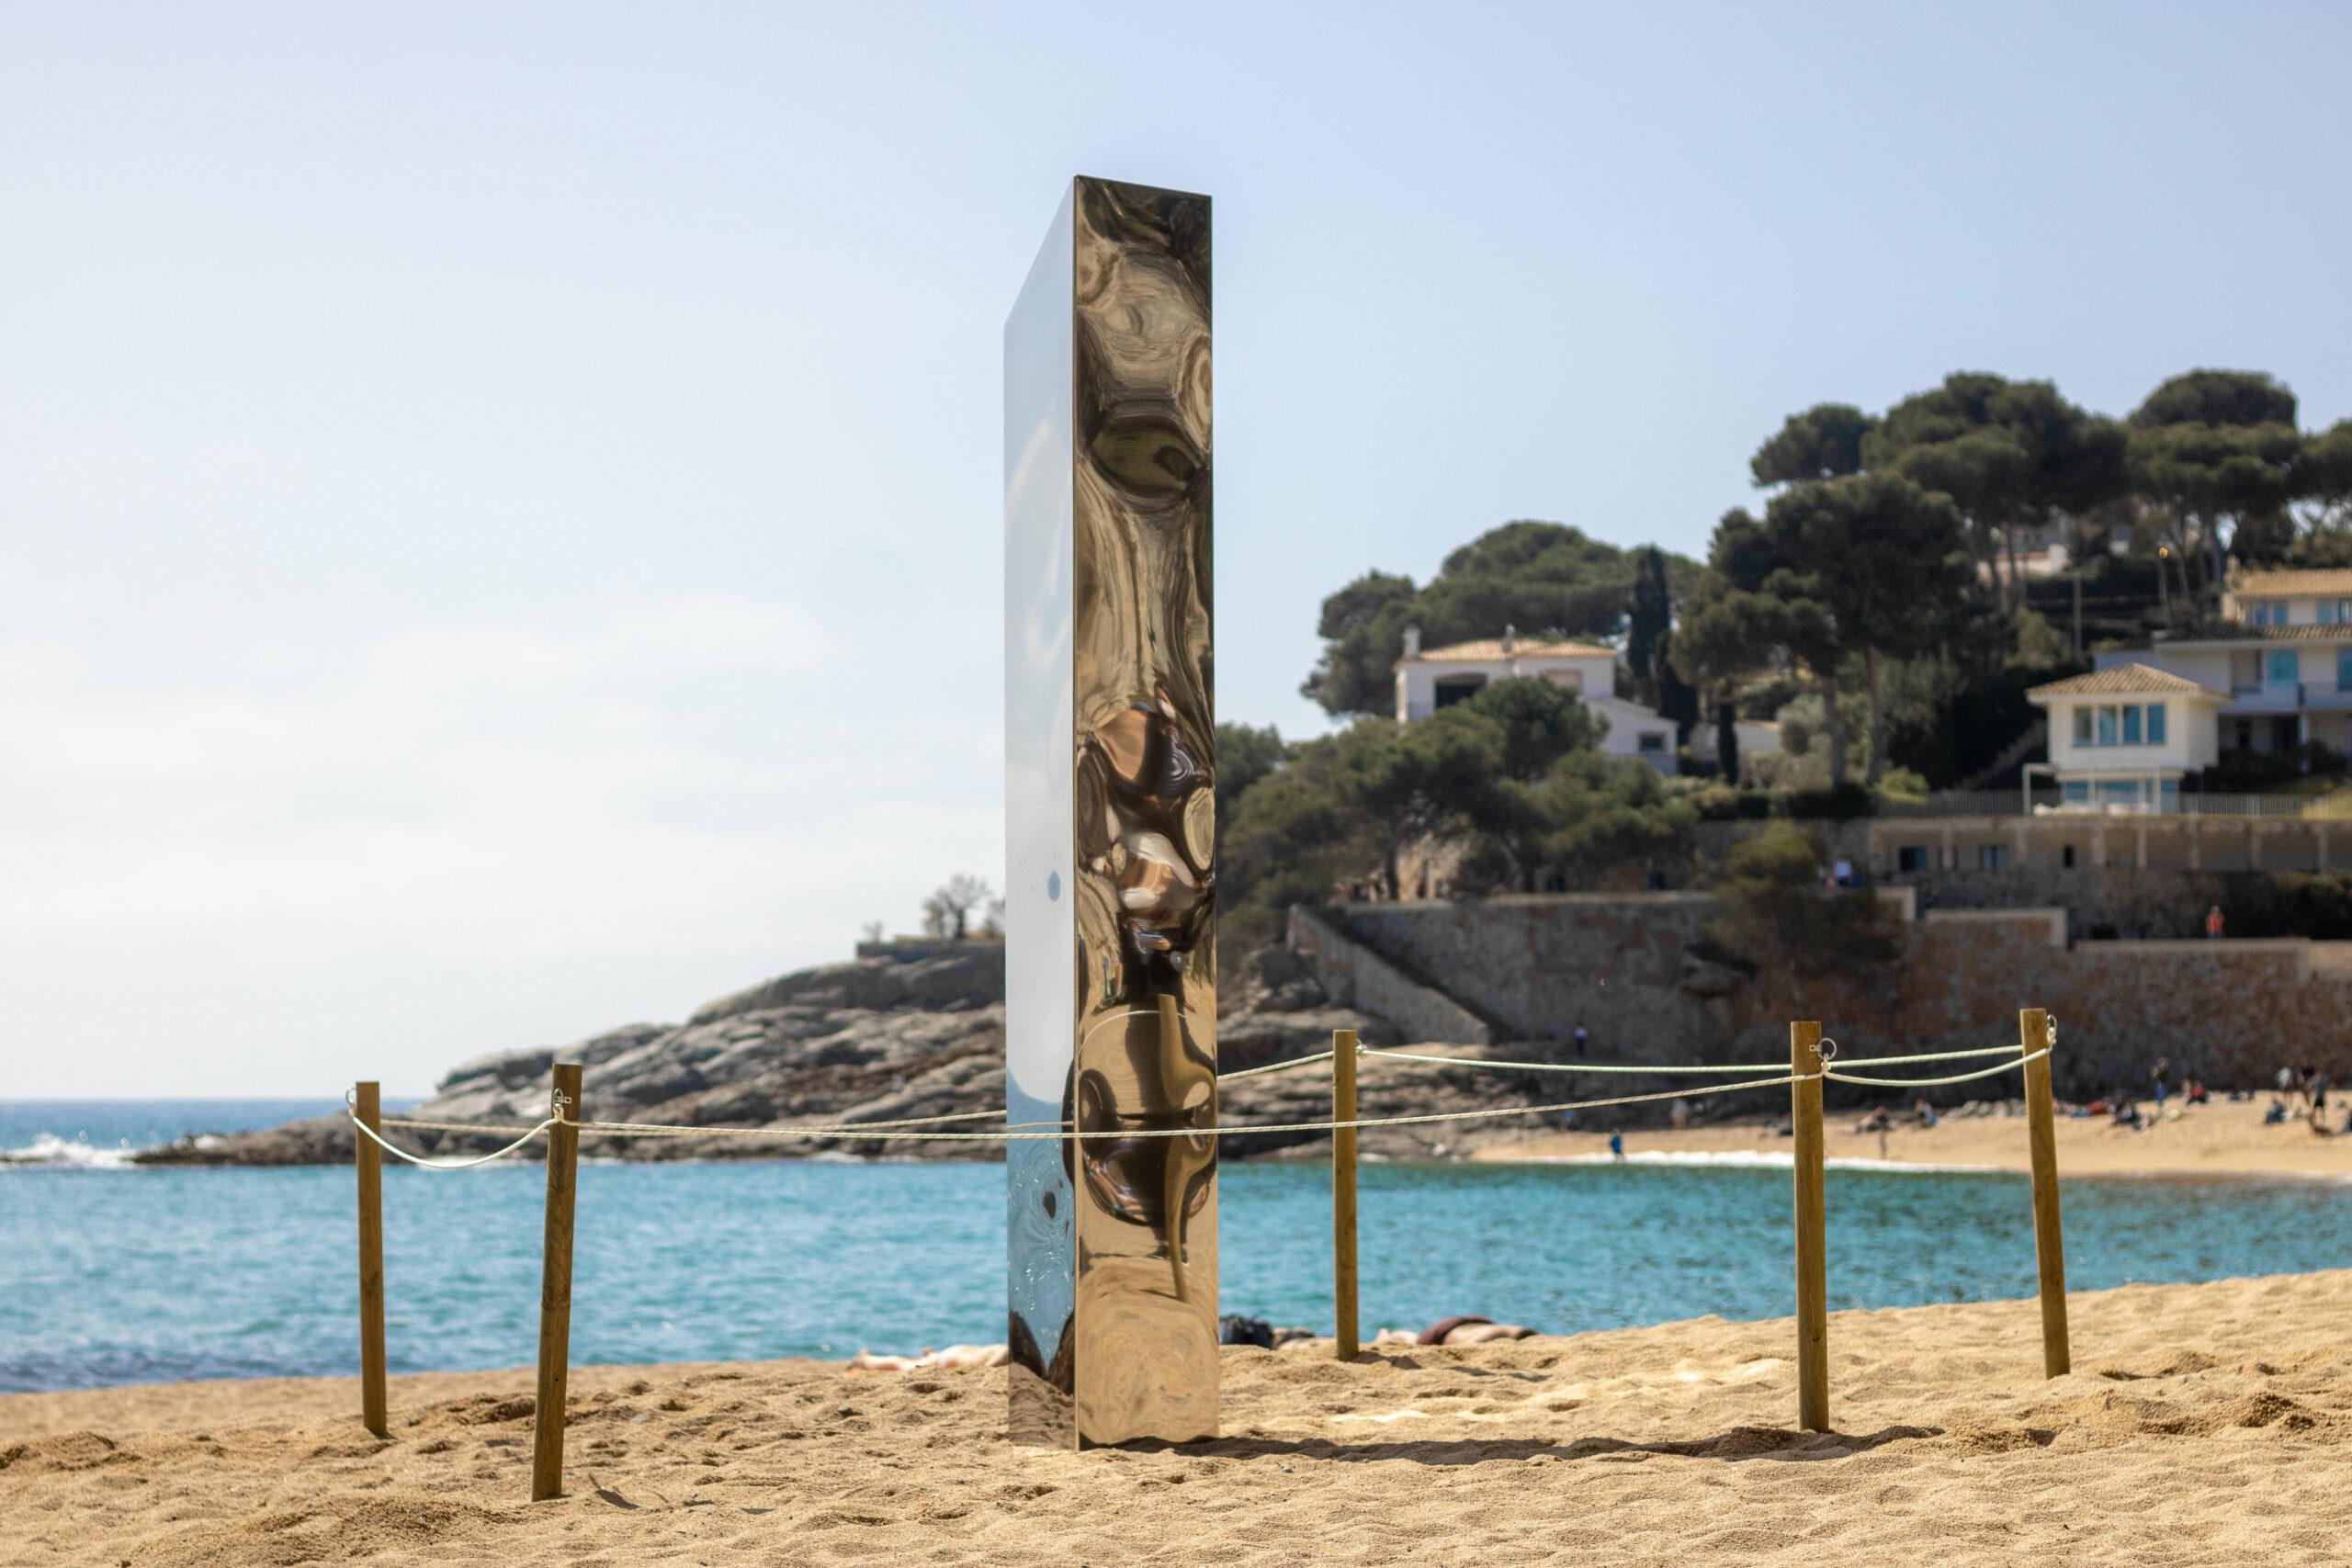 La platja de Sa Conca amb el monòlit d'acer inoxidable al mig | ACN